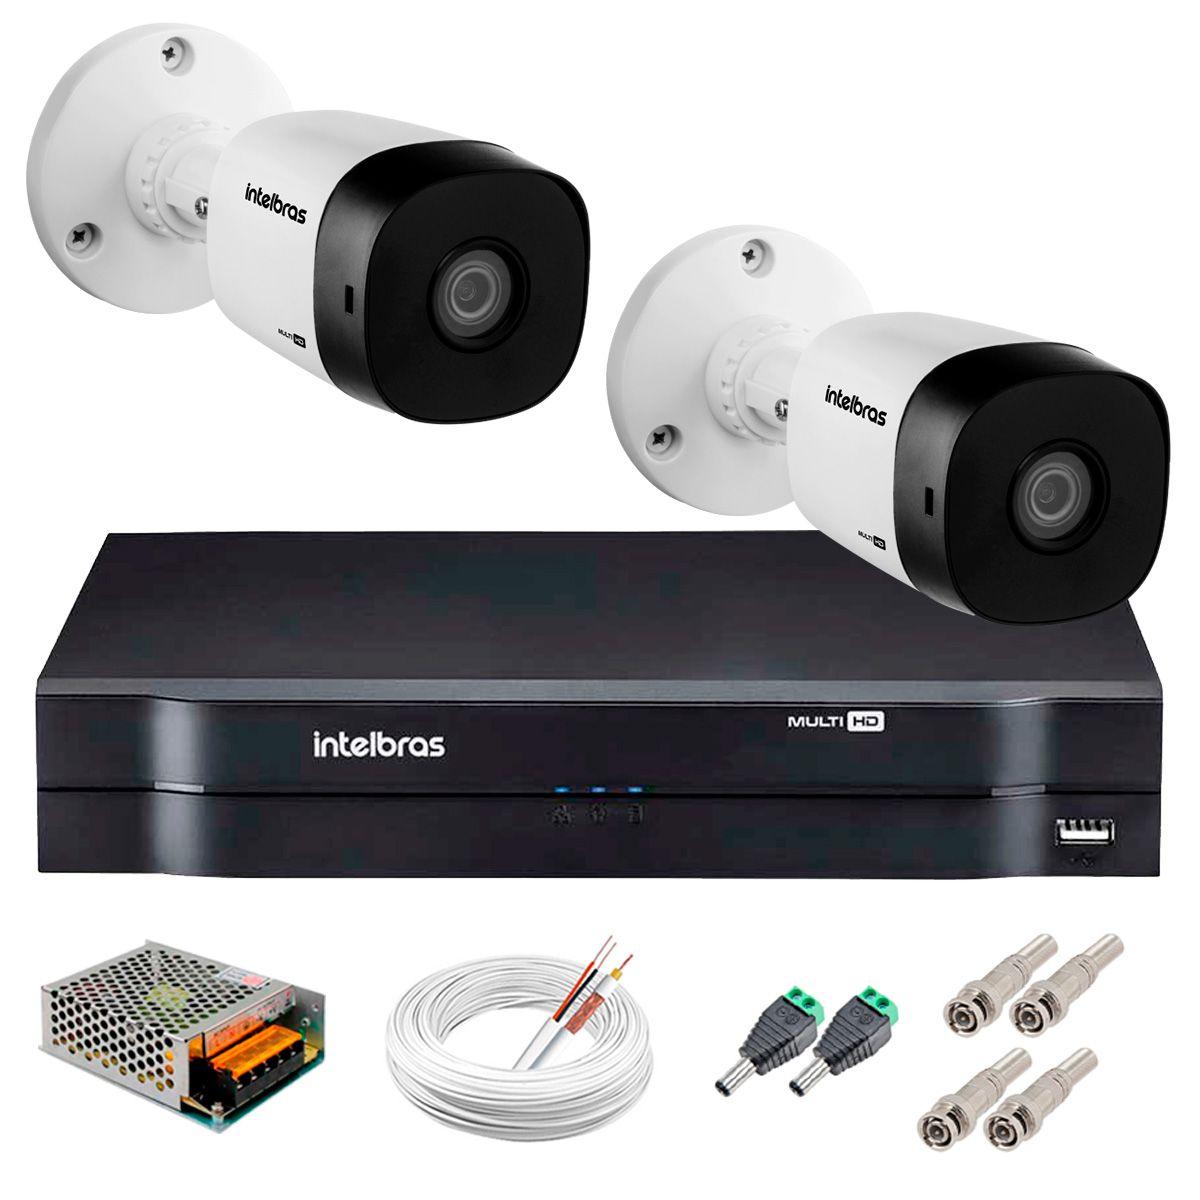 Kit 2 Câmeras VHD 3130 B G5 + DVR Intelbras + App Grátis de Monitoramento, Câmeras HD 720p 30m Infravermelho de Visão Noturna Intelbras + Fonte, Cabos e Acessórios  - Tudo Forte